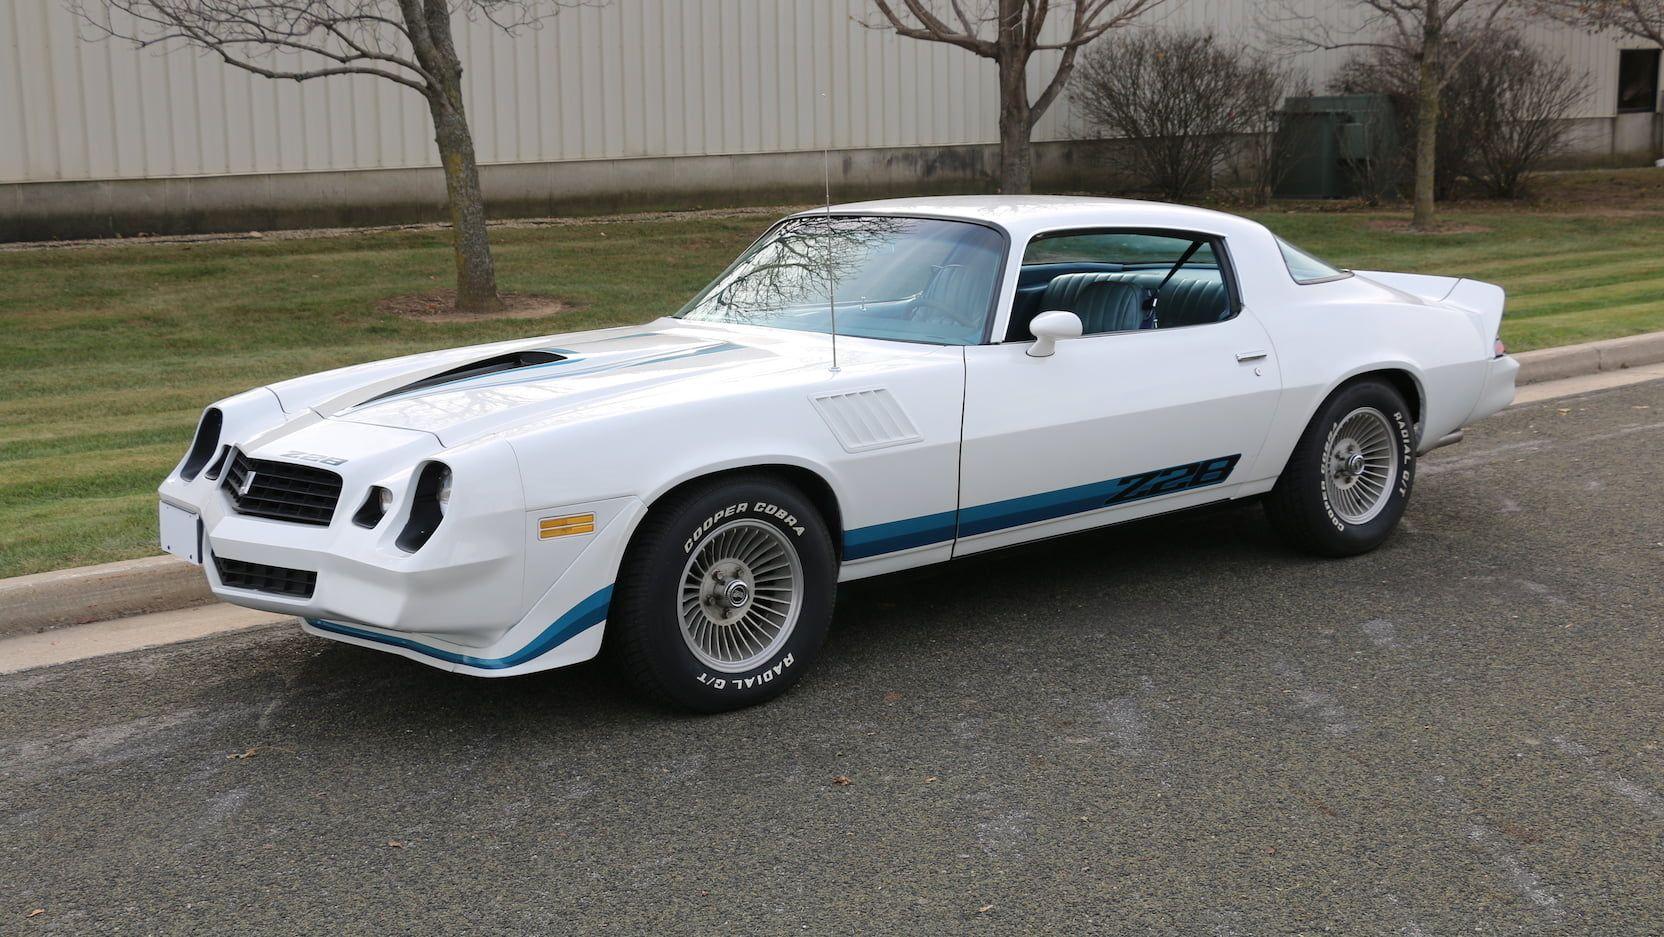 1979 Chevrolet Camaro Z28 presented as Lot S16.1 at Kansas City, MO ...